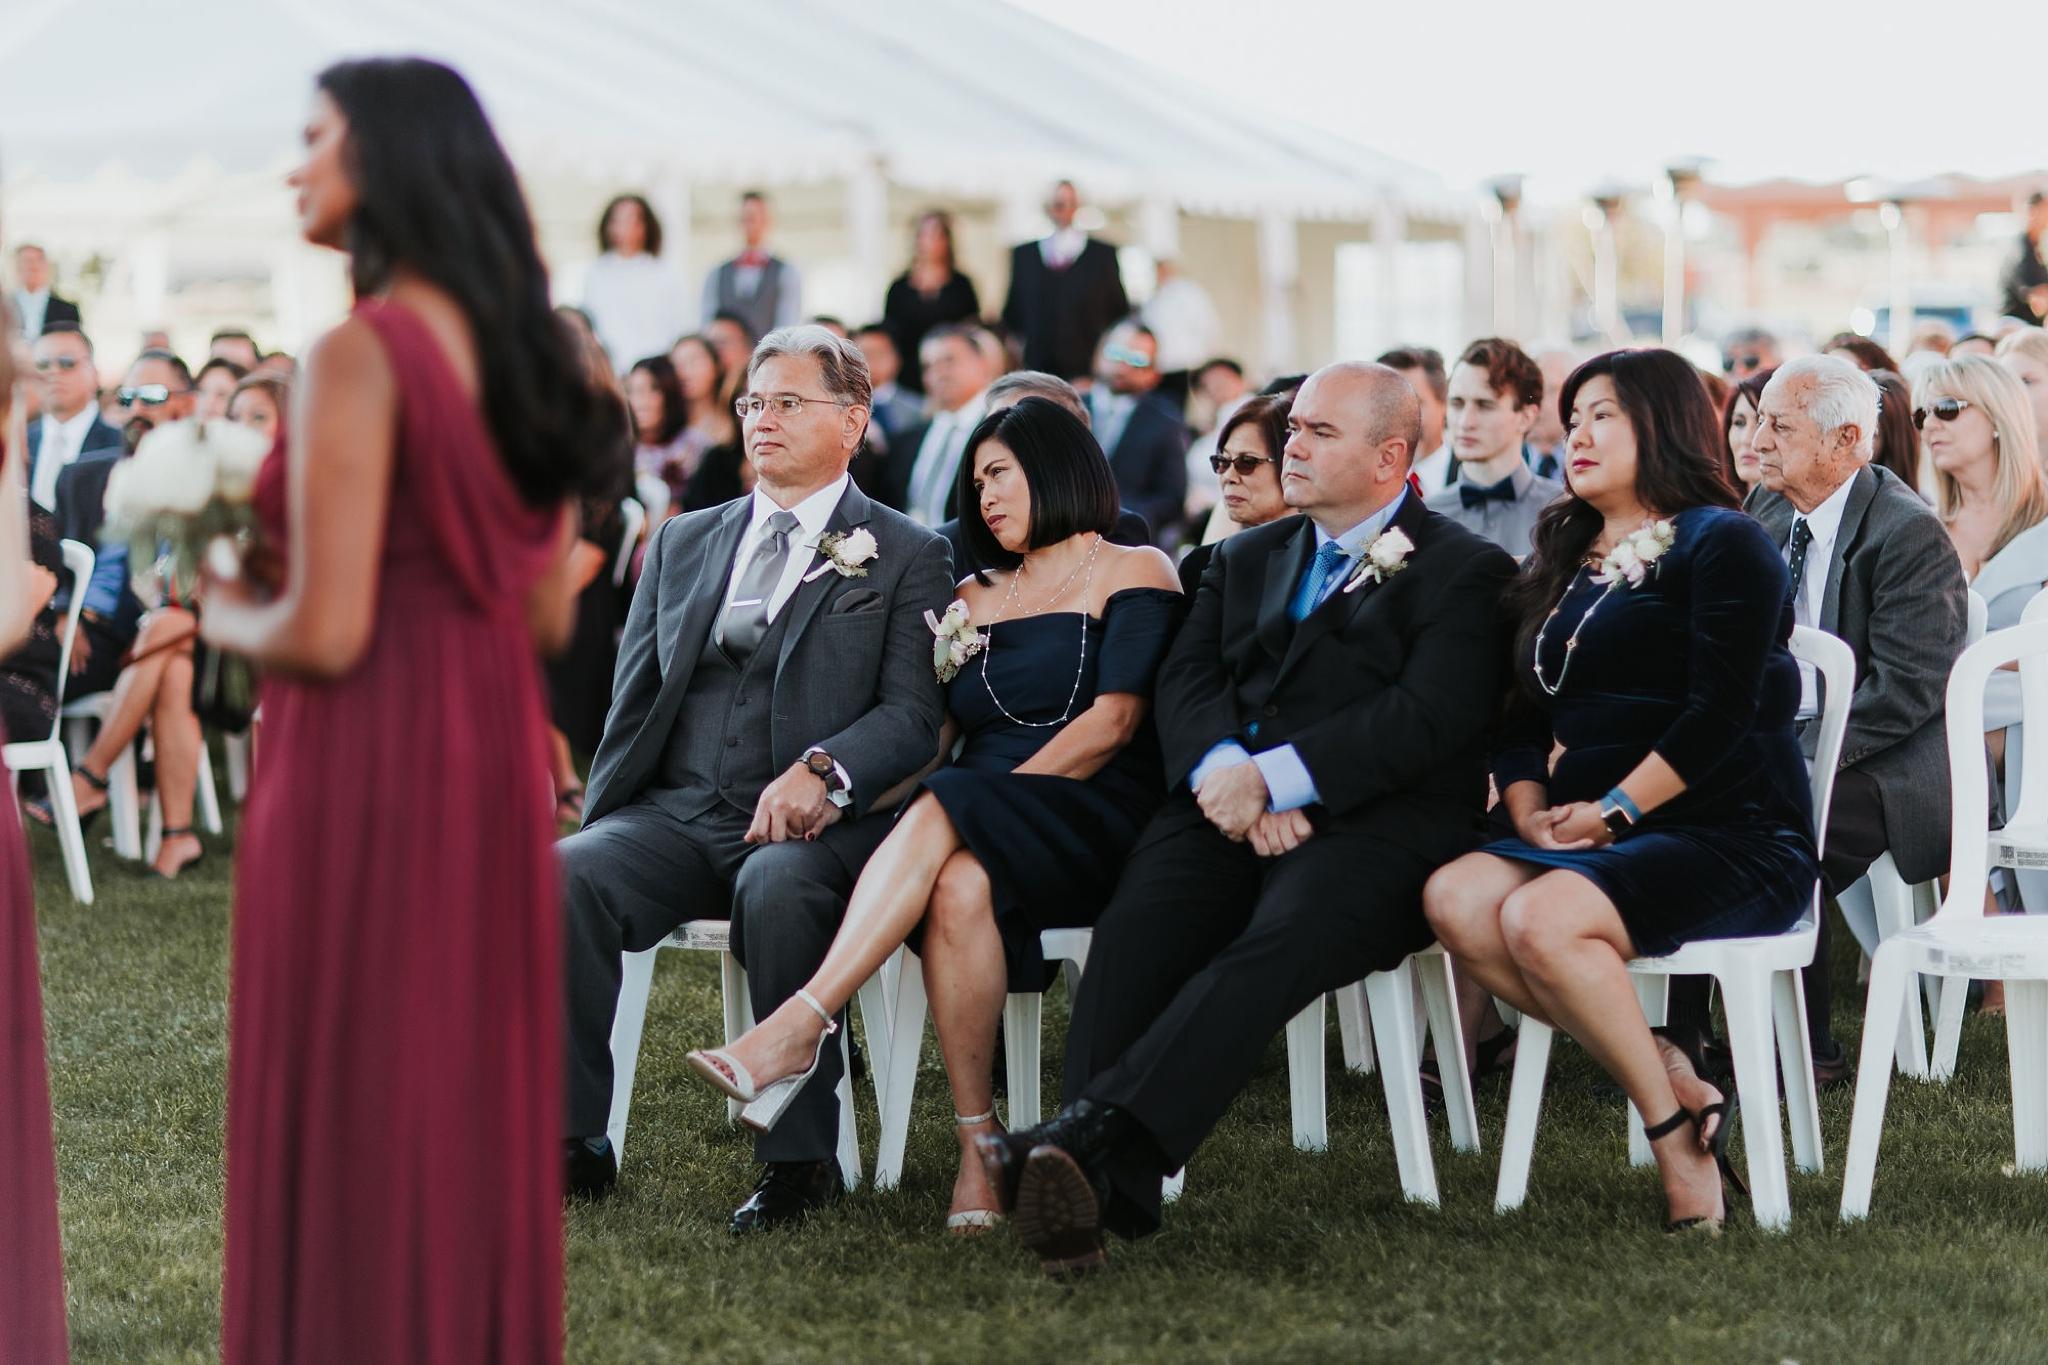 Alicia+lucia+photography+-+albuquerque+wedding+photographer+-+santa+fe+wedding+photography+-+new+mexico+wedding+photographer+-+new+mexico+wedding+-+wedding+vows+-+writing+your+own+vows+-+wedding+inspo_0003.jpg